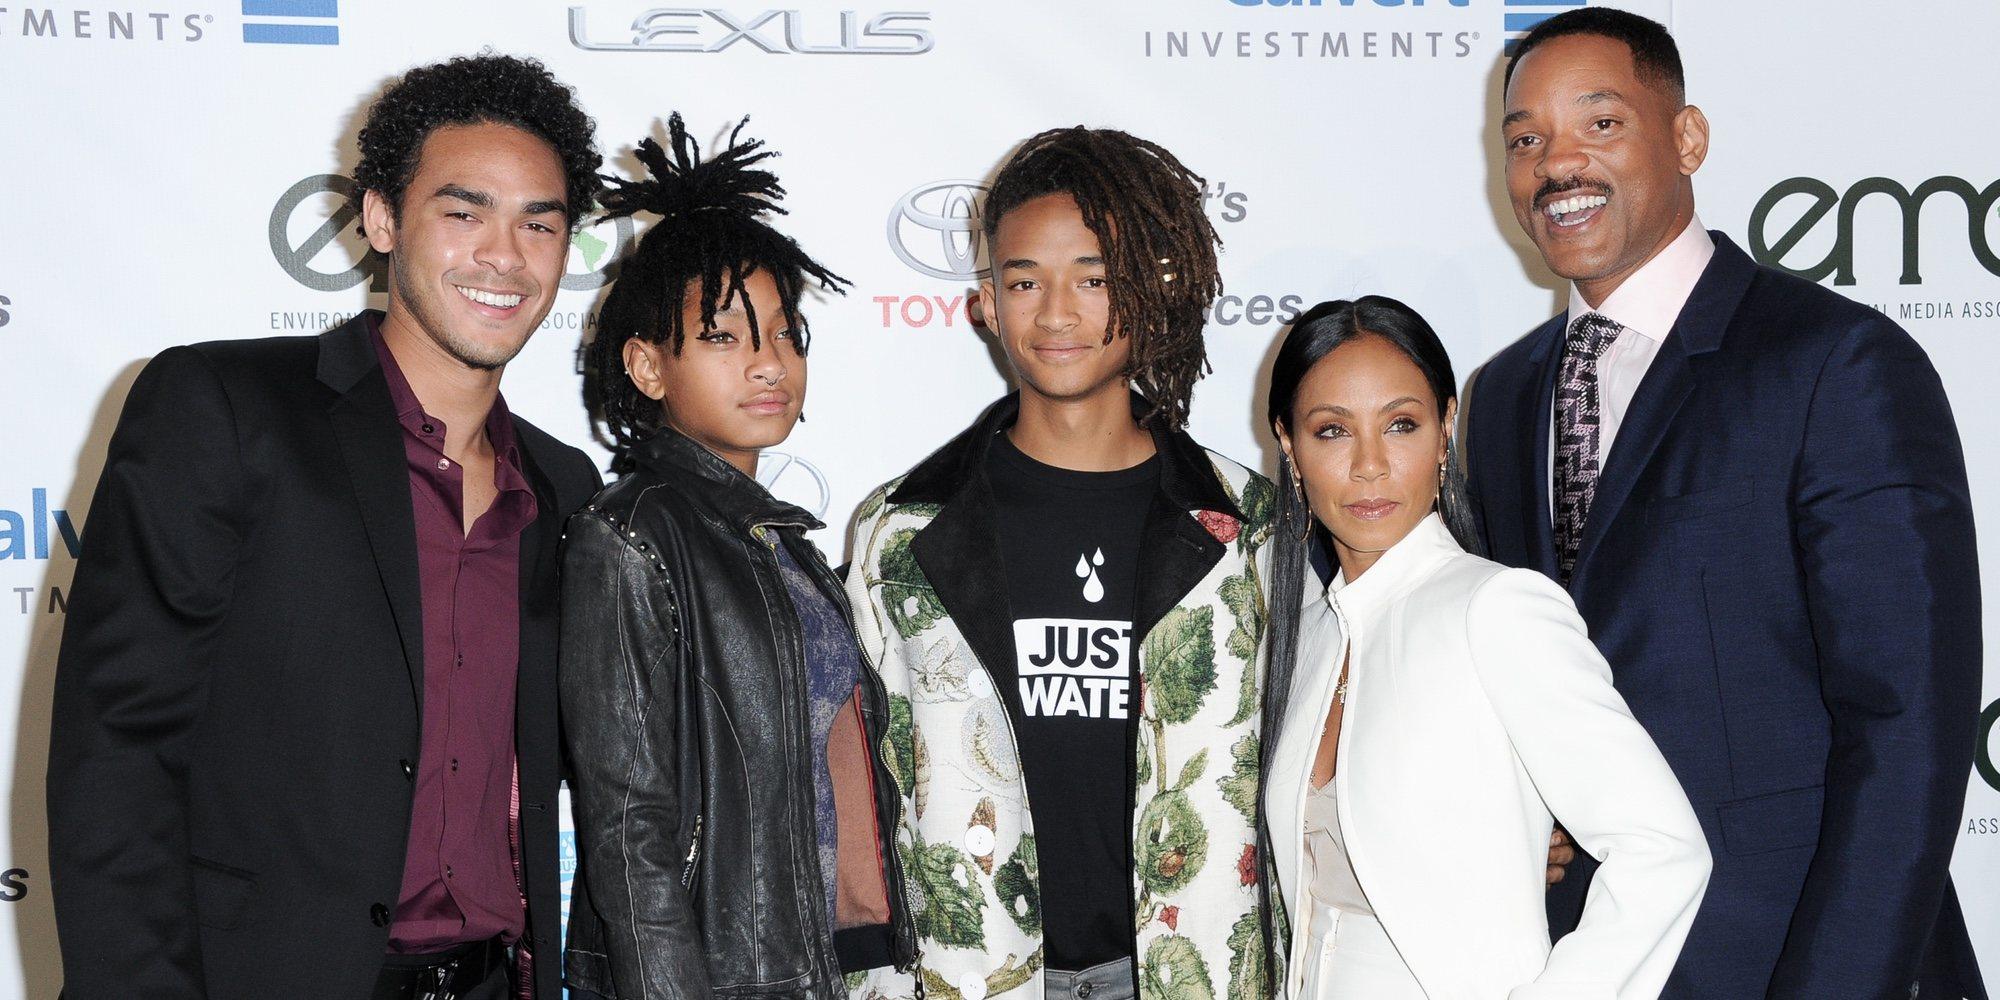 Así son y así se llevan Trey, Jaden y Willow Smith, tres hermanos enamorados de la música e hijos de Will Smith